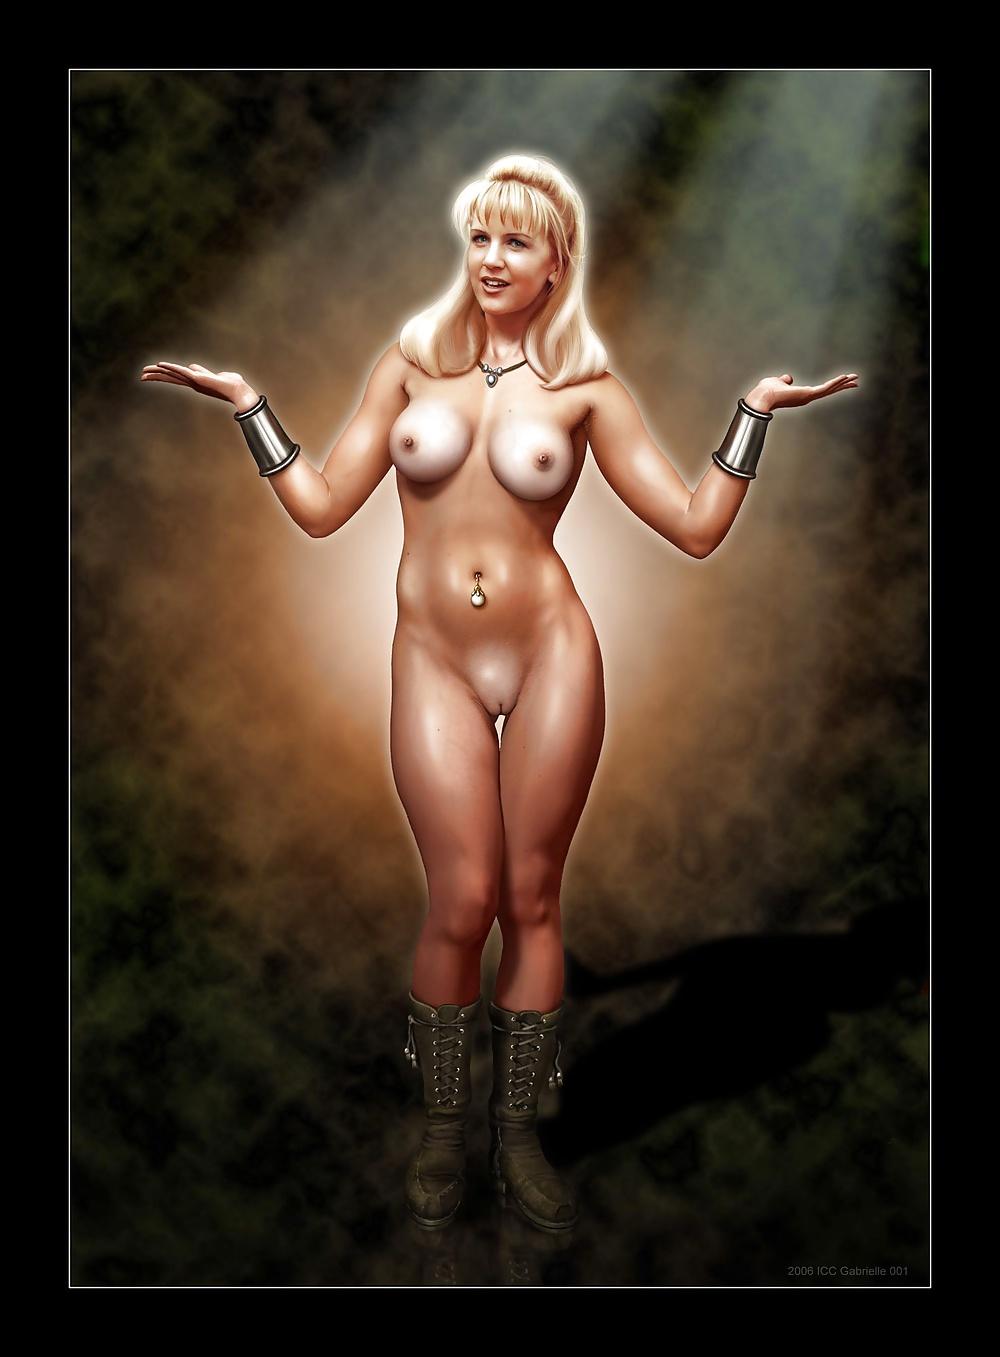 xena gabrielle porno